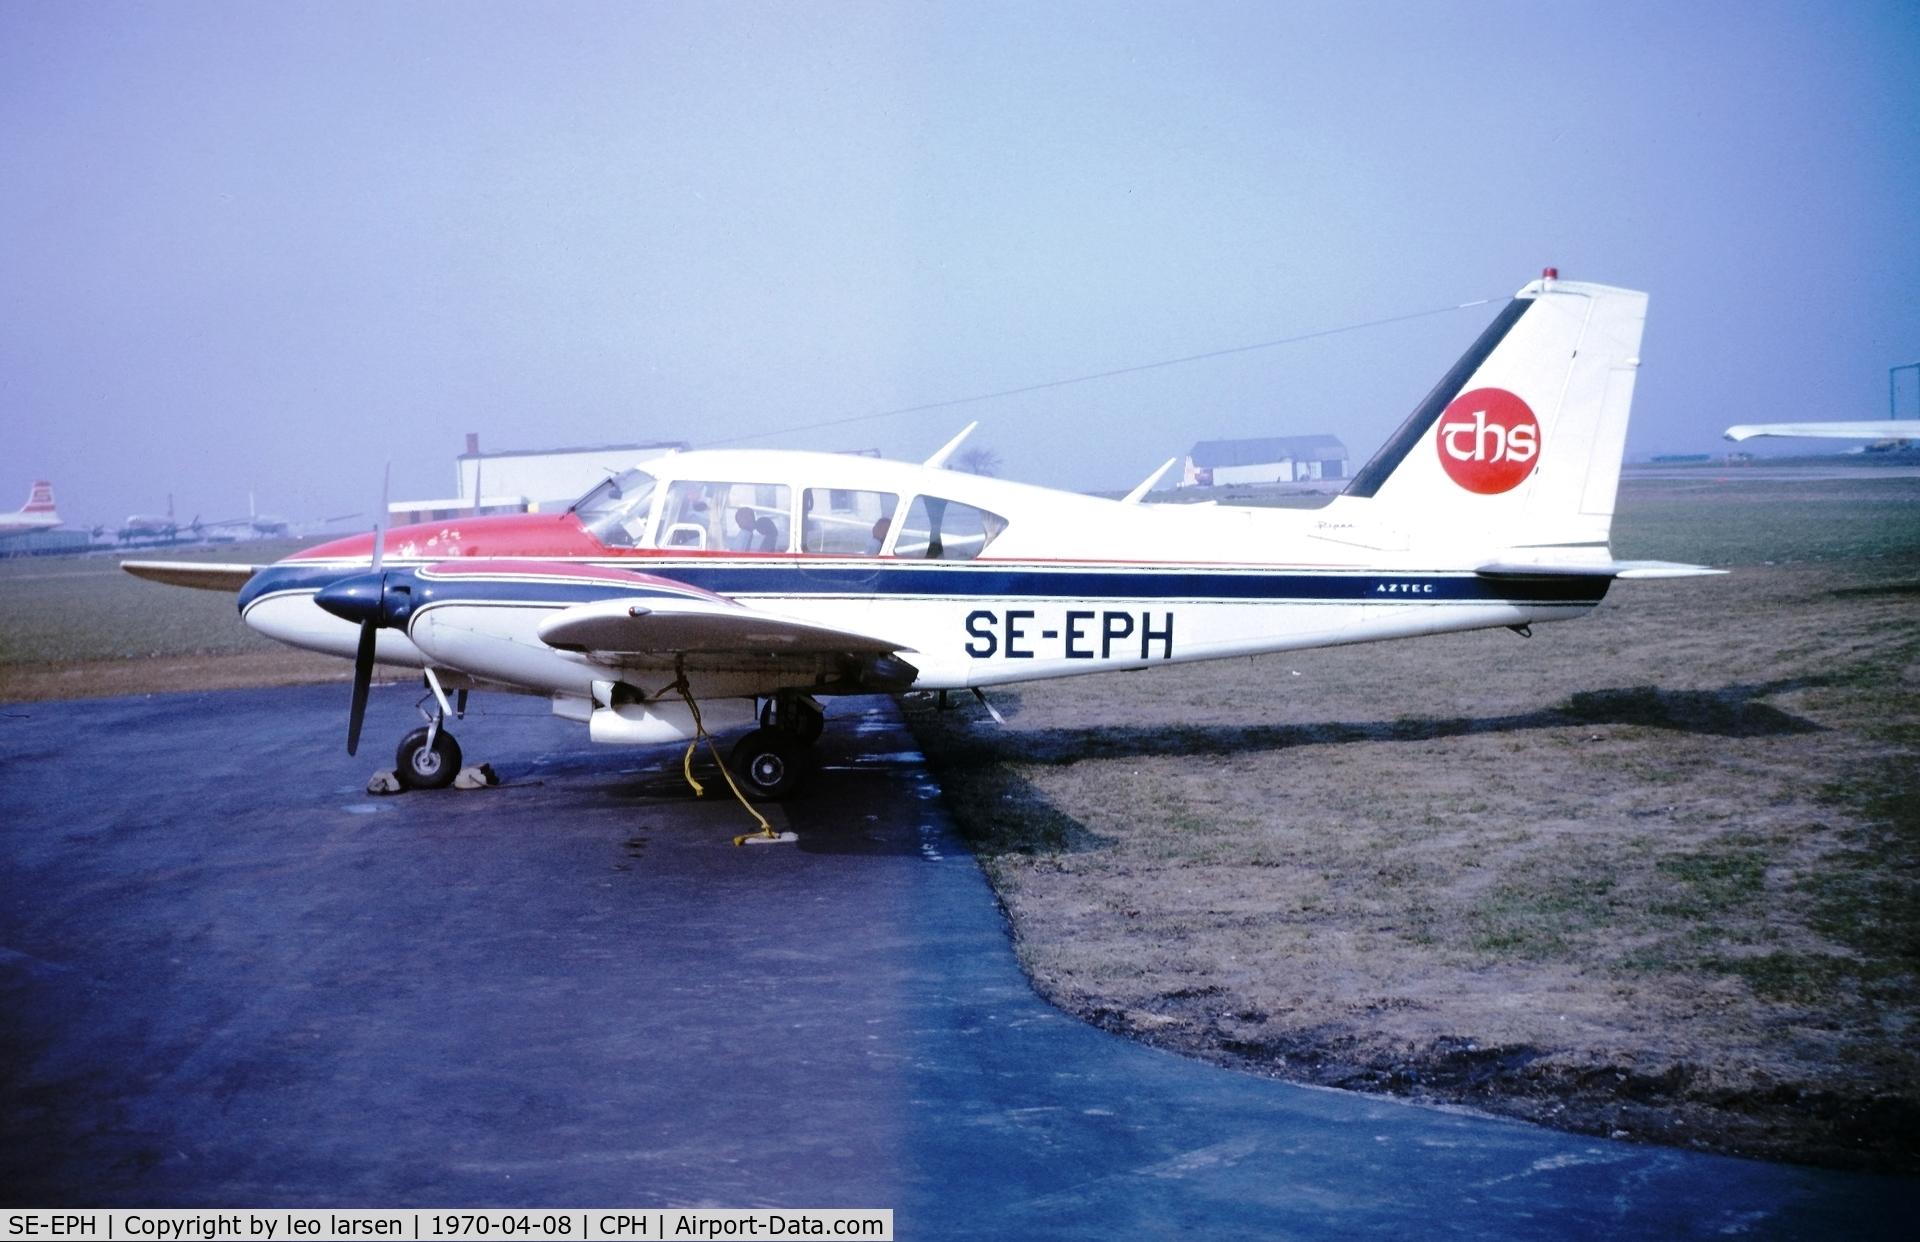 SE-EPH, 1966 Piper PA-23-250 Aztec C C/N 27-3373, Copenhagen 8.4.1970